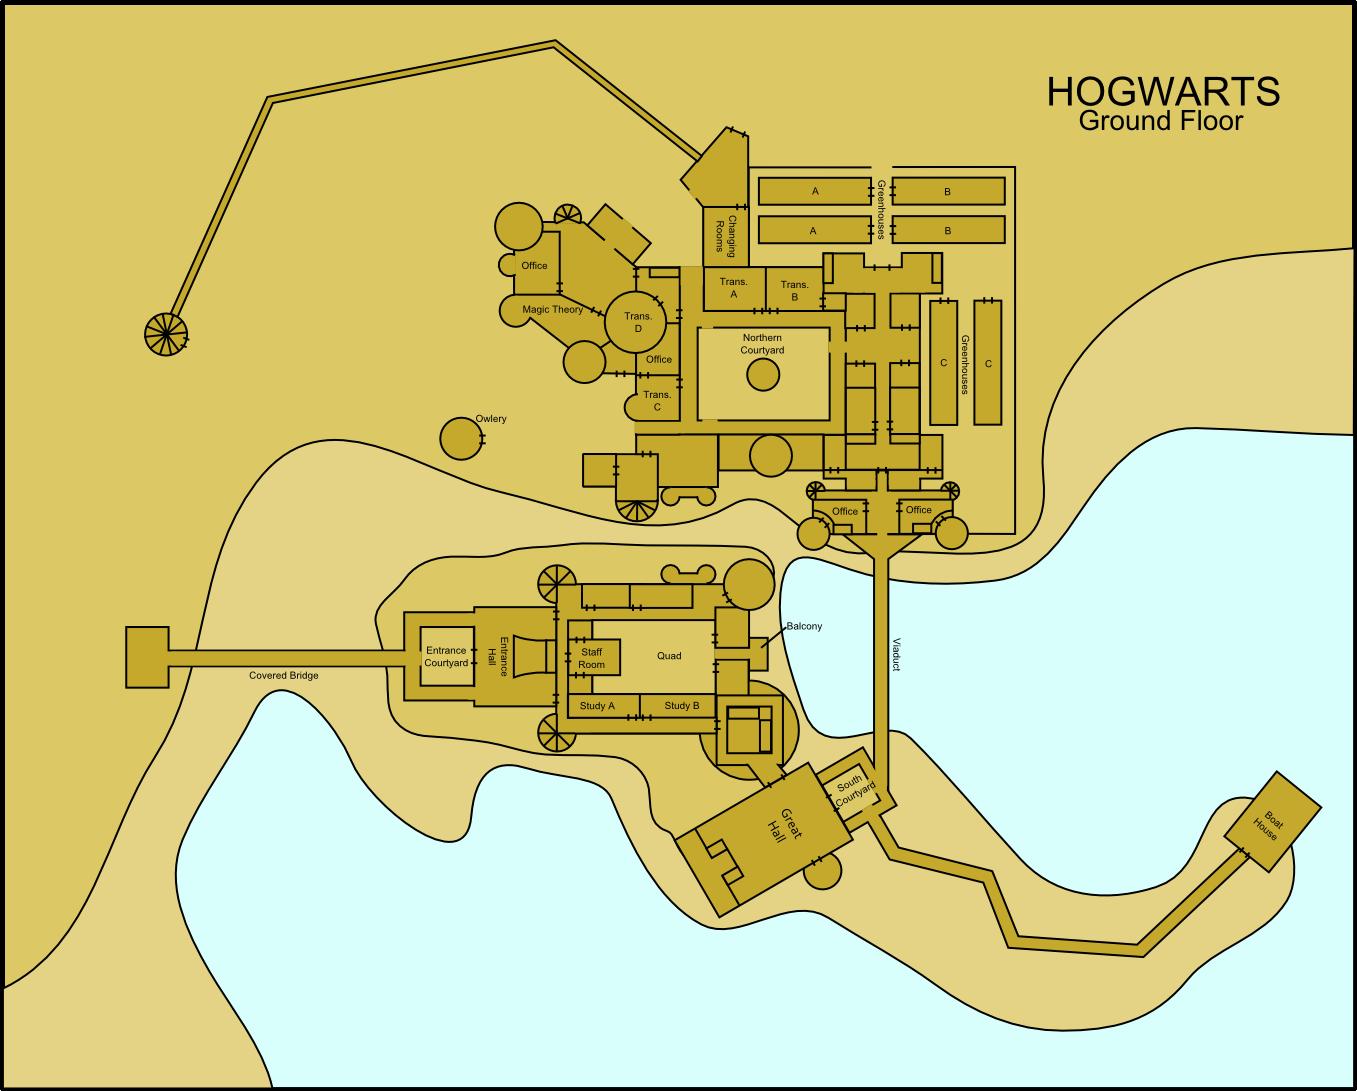 Hogwarts Ground Floor